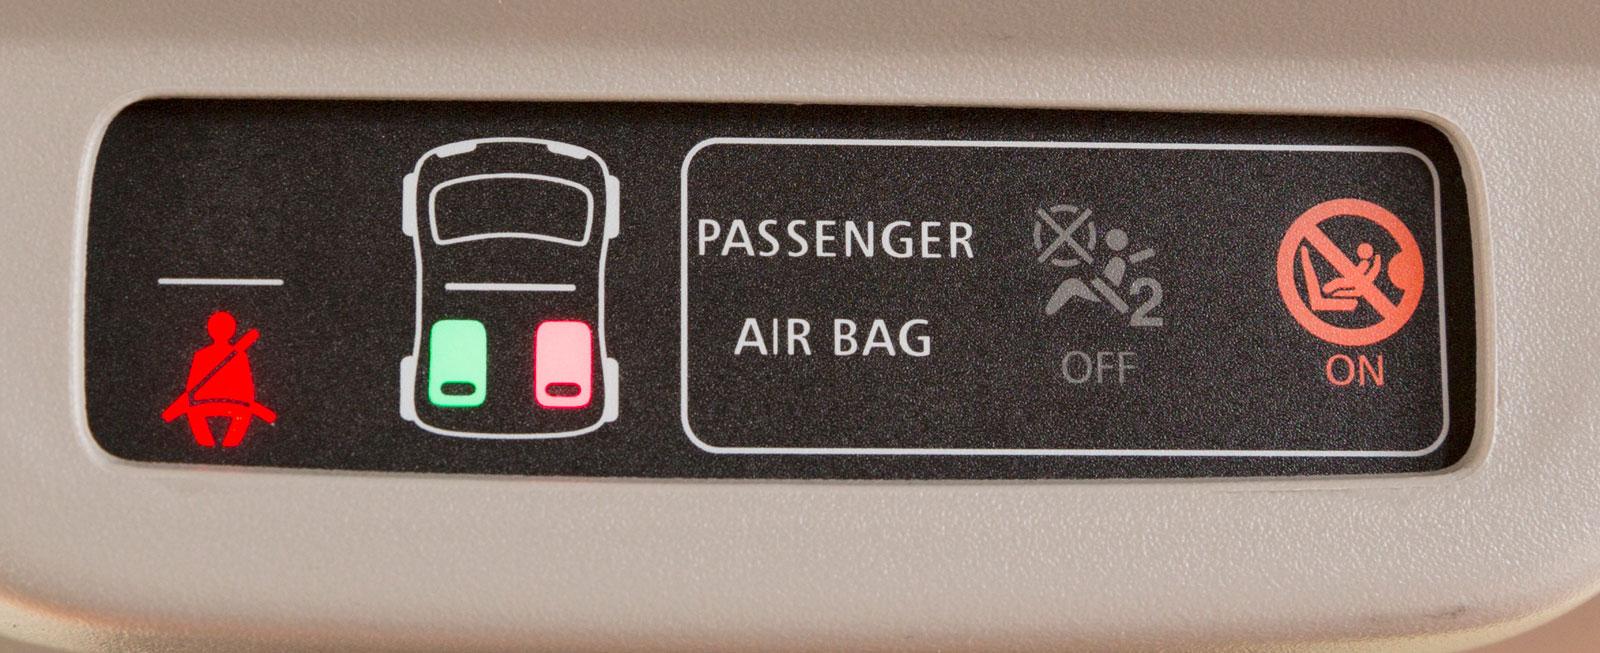 Smart har tydligaste indikeringen för om bilbälten används bak.